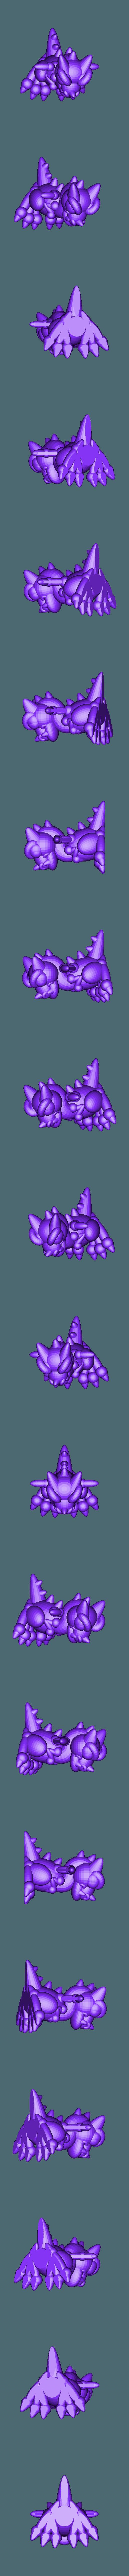 Dragonling.stl Télécharger fichier STL gratuit Dragonling de Tinkercad • Modèle à imprimer en 3D, waynelosey